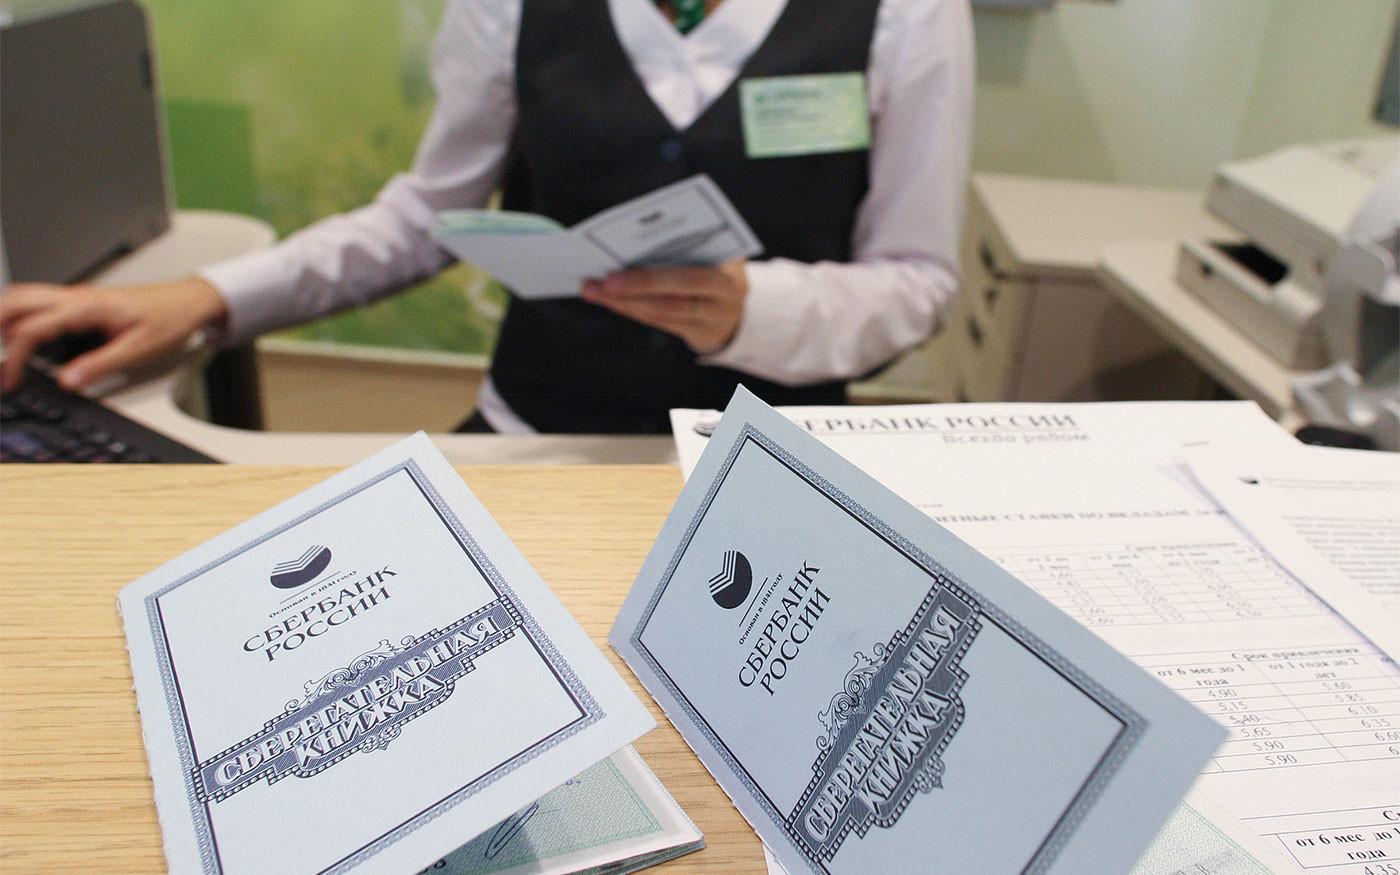 Пенсионные вклады в сбербанках москвы минимальная пенсия в челябинской области в 2021 году